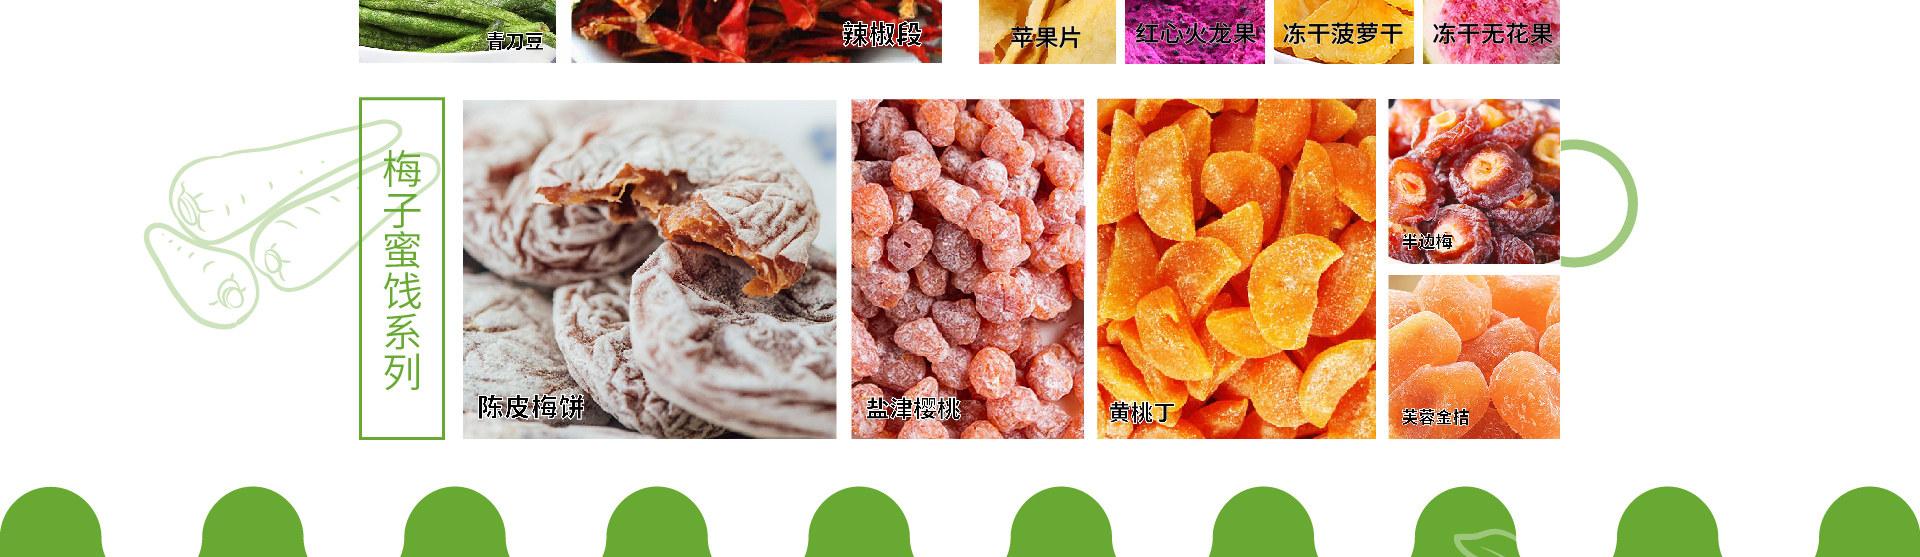 蔬婆婆食蔬果干PC_11